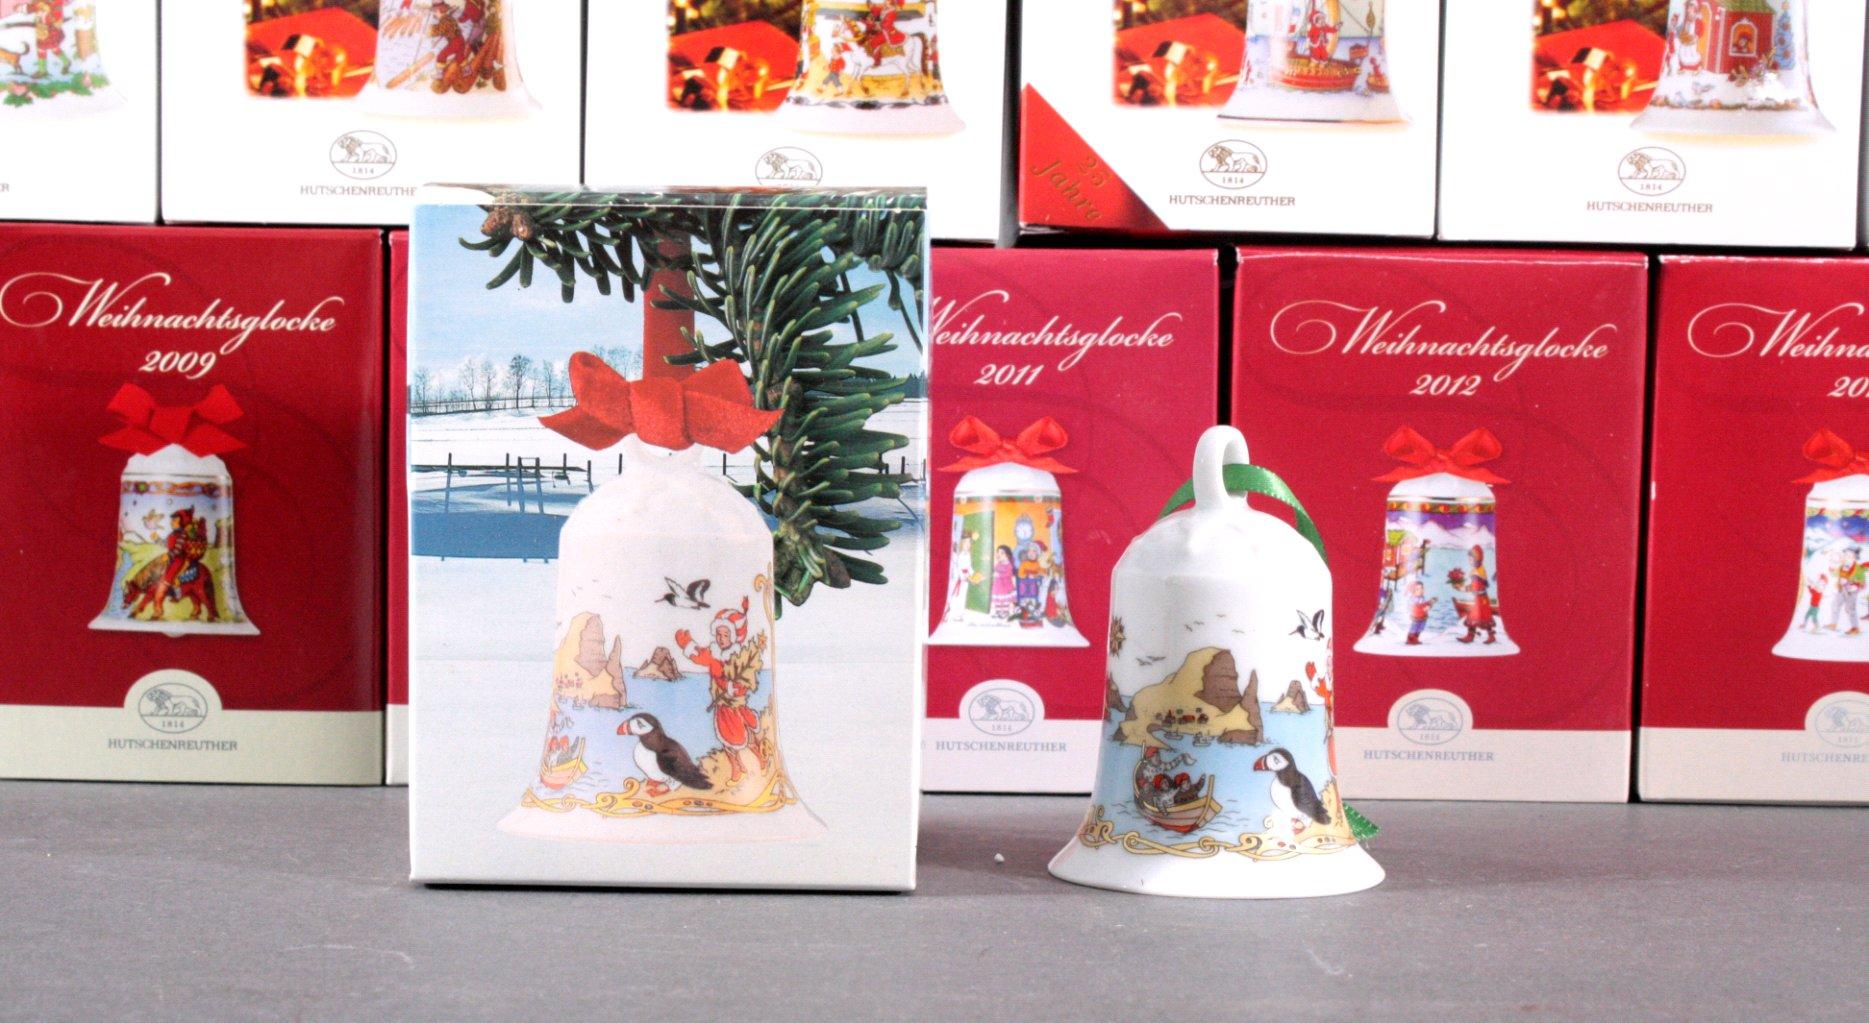 Hutschenreuther Weihnachtsglocke, komplett 1989 bis 2015-1